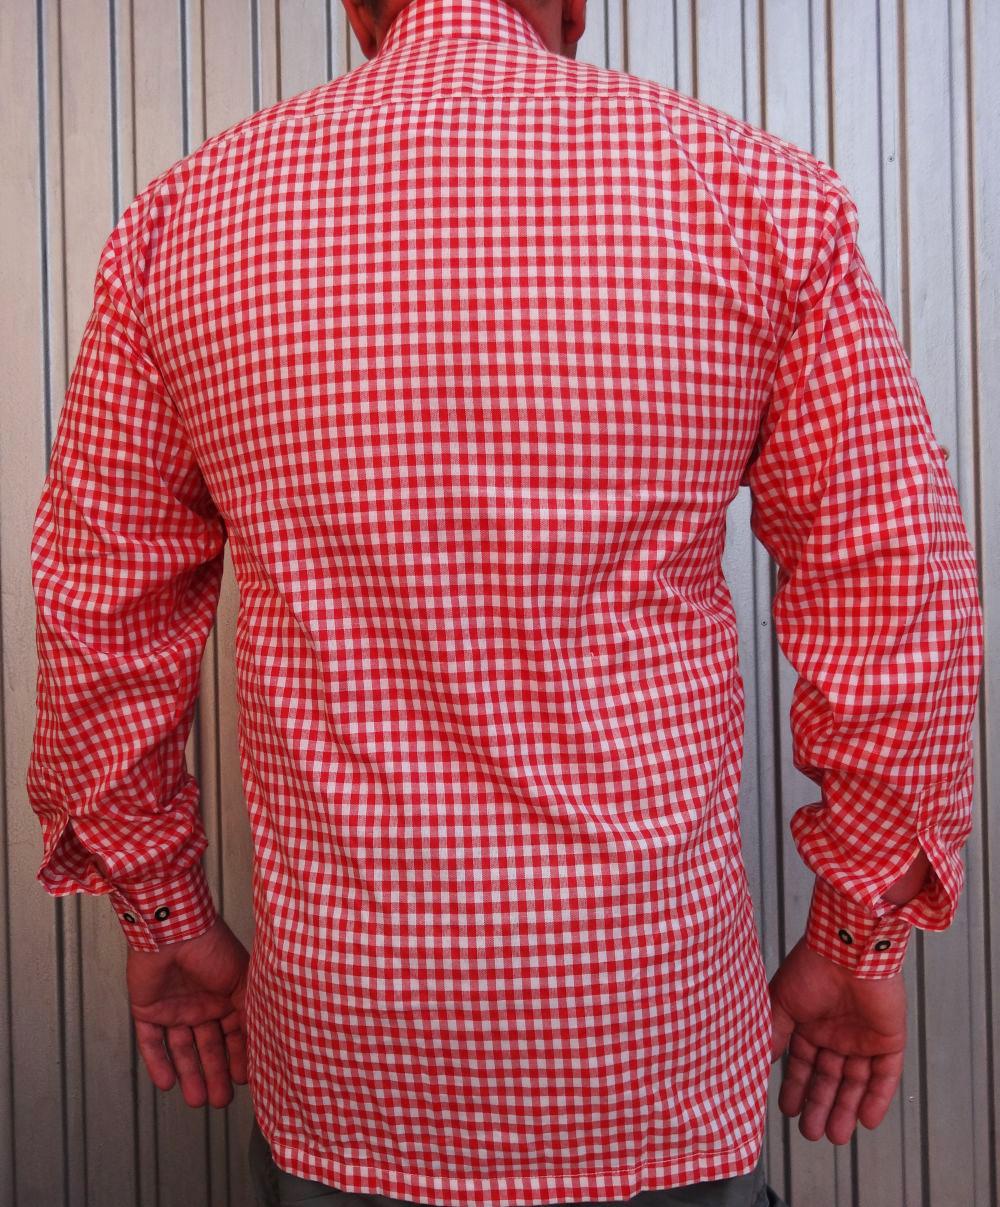 Herren Trachtenhemd rot weiss kariert Grösse S M L XXL 3 XL 4 XL NEU